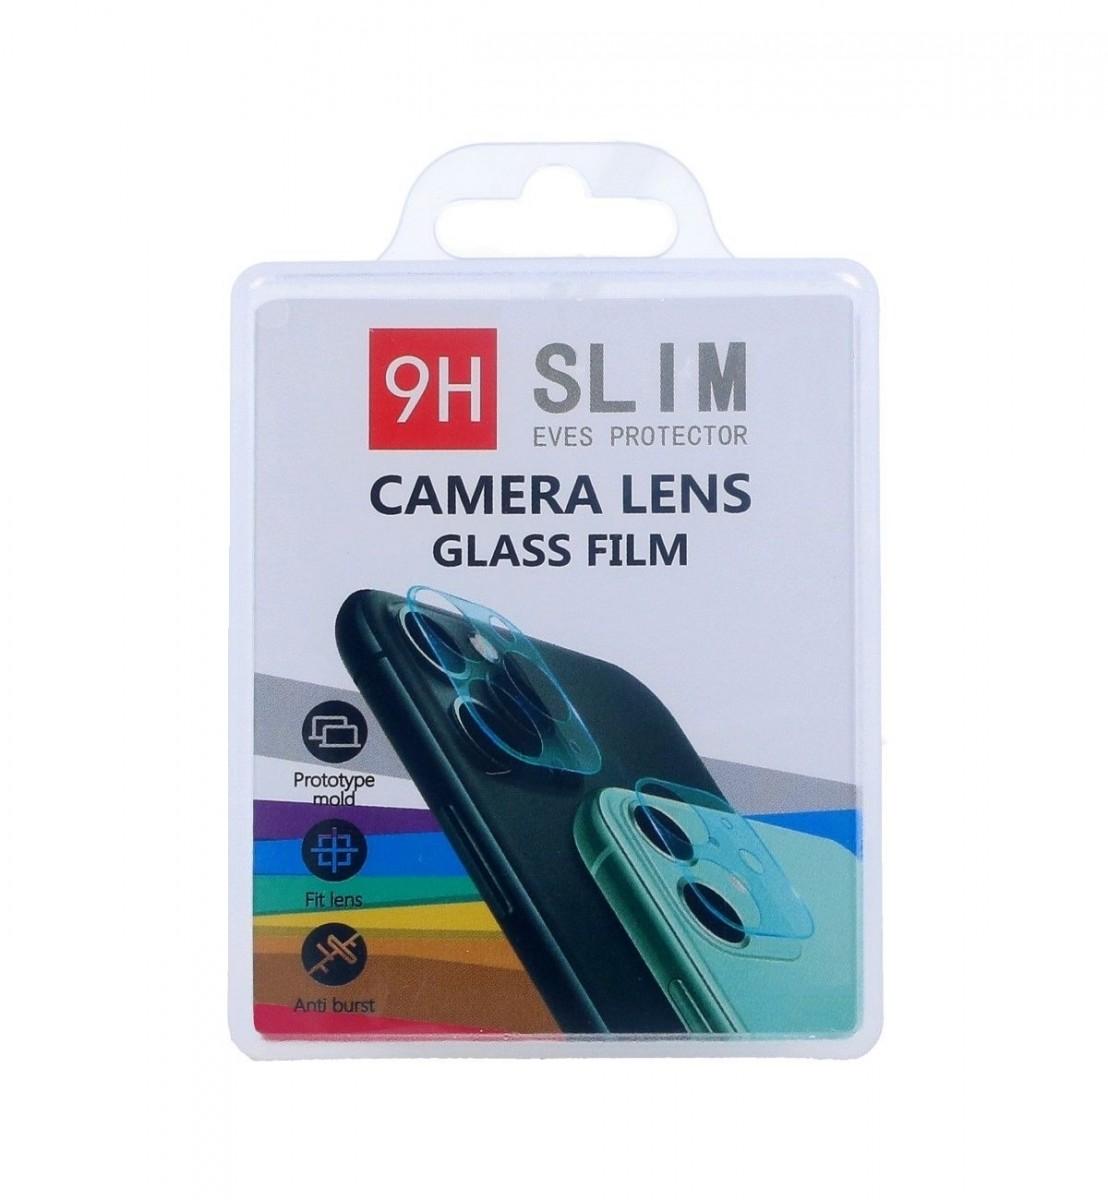 Tvrzené sklo TopQ na zadní fotoaparát Xiaomi Poco M3 58208 (ochranné sklo na zadní čočku fotoaparátu Xiaomi Poco M3)